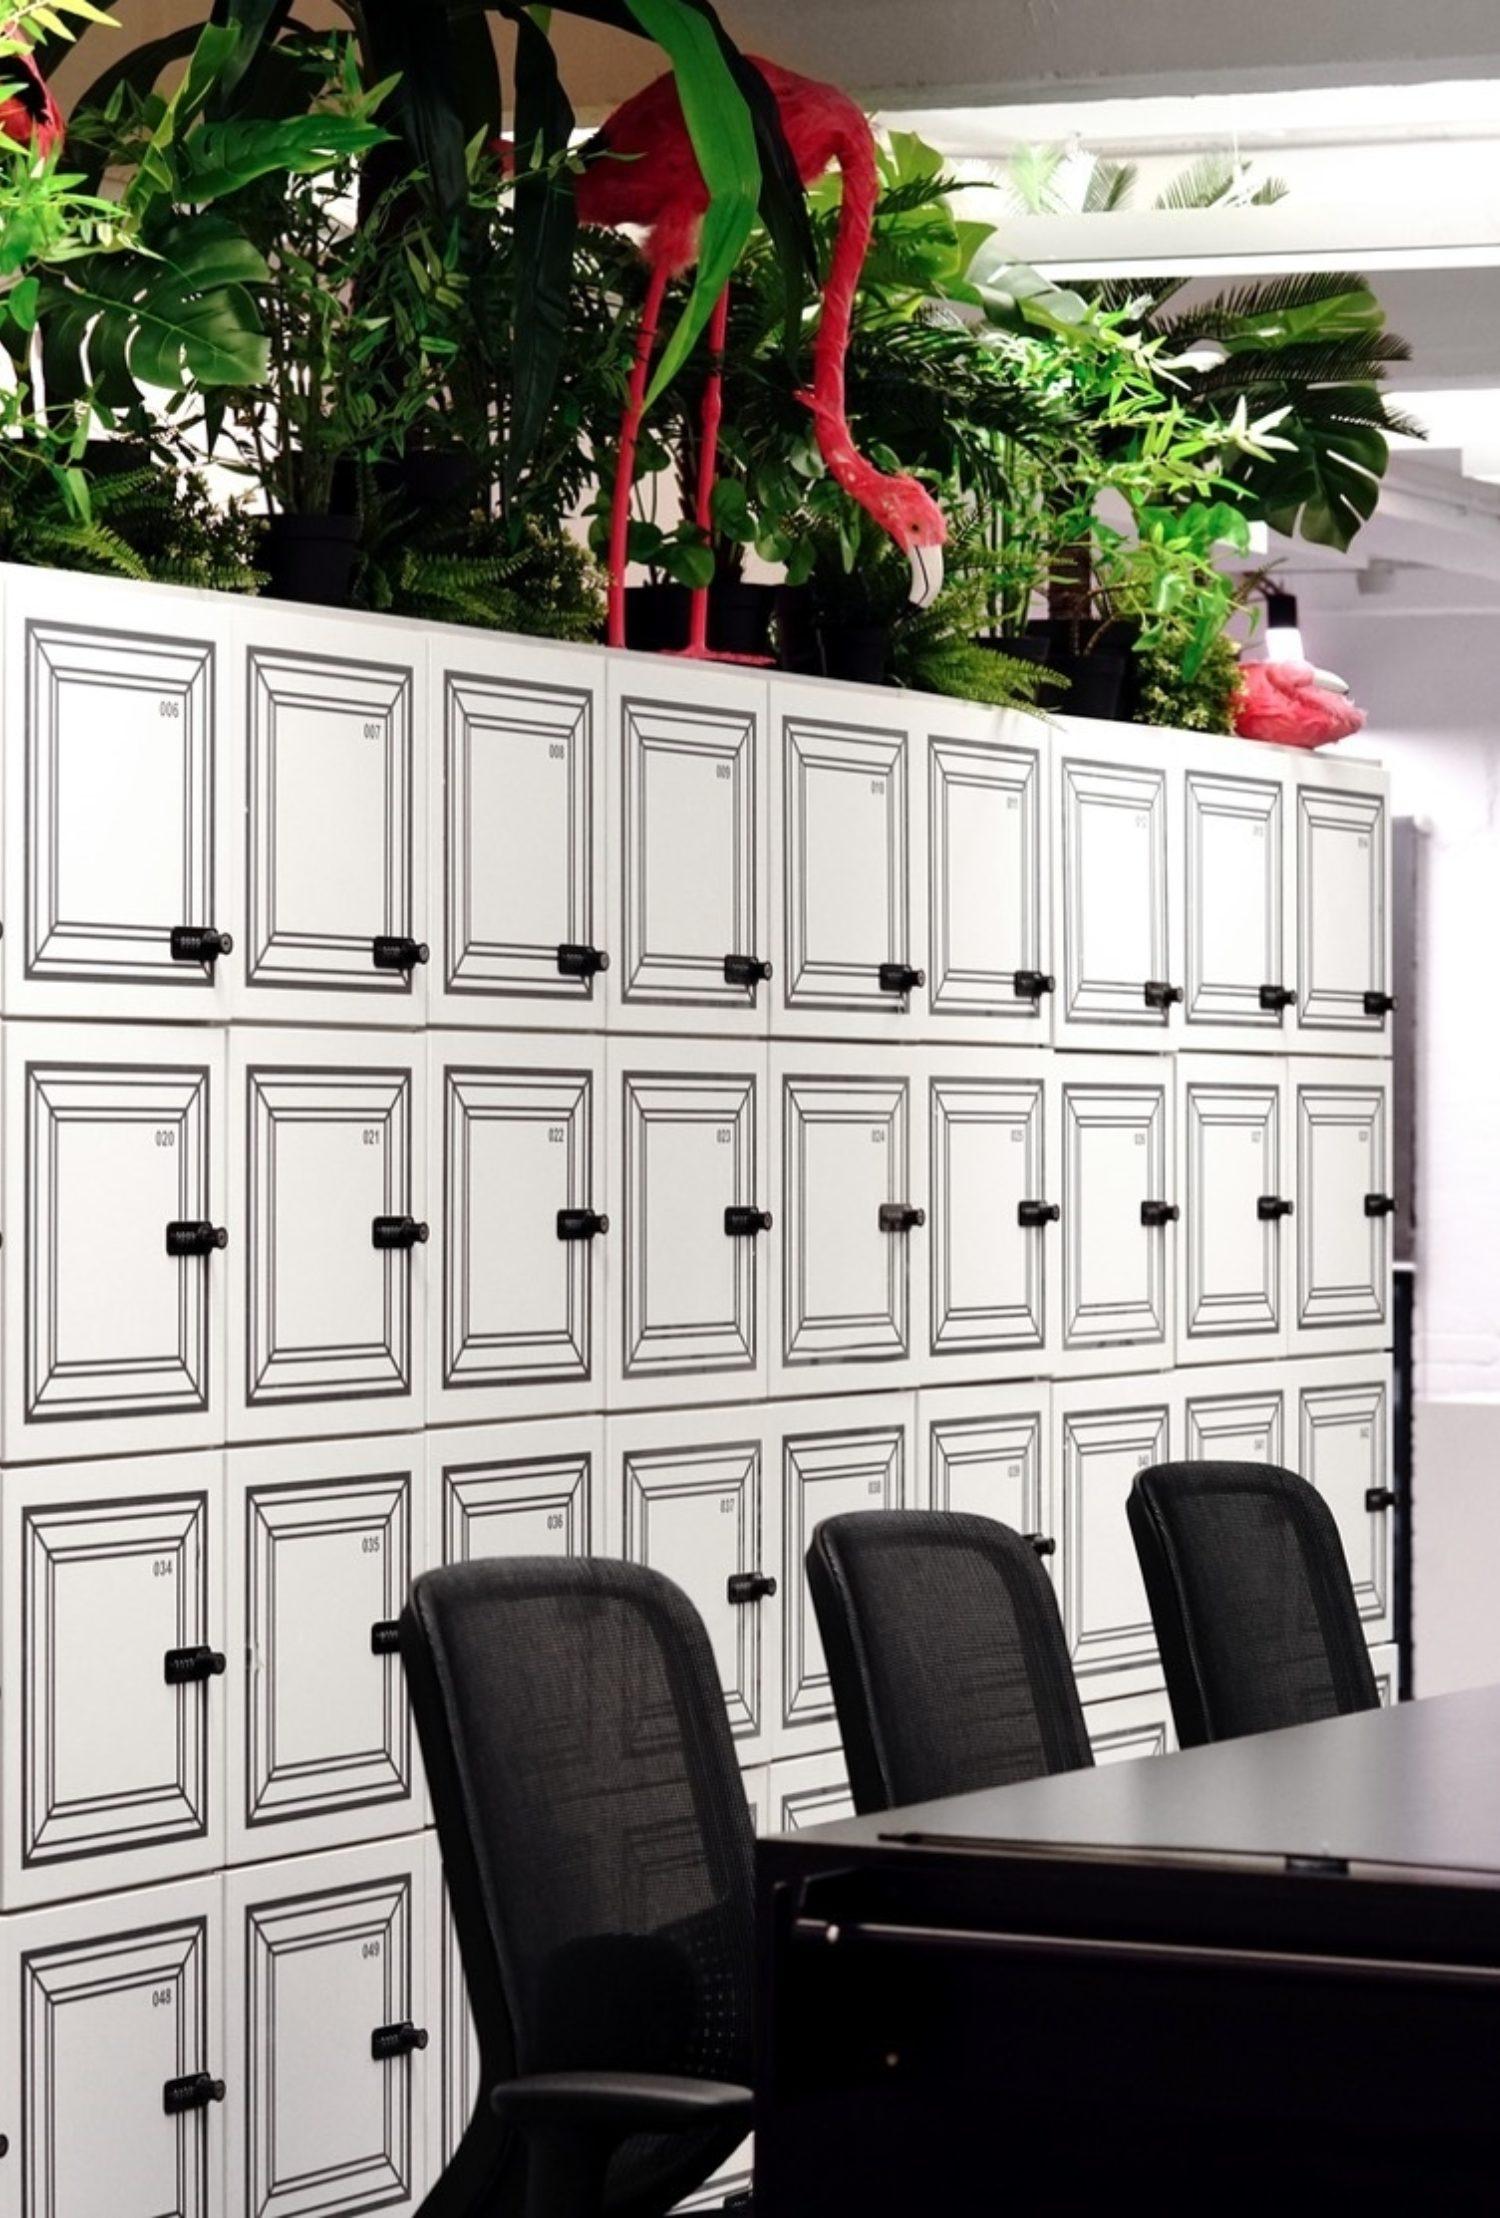 Virgin lockers in meeting space fit out